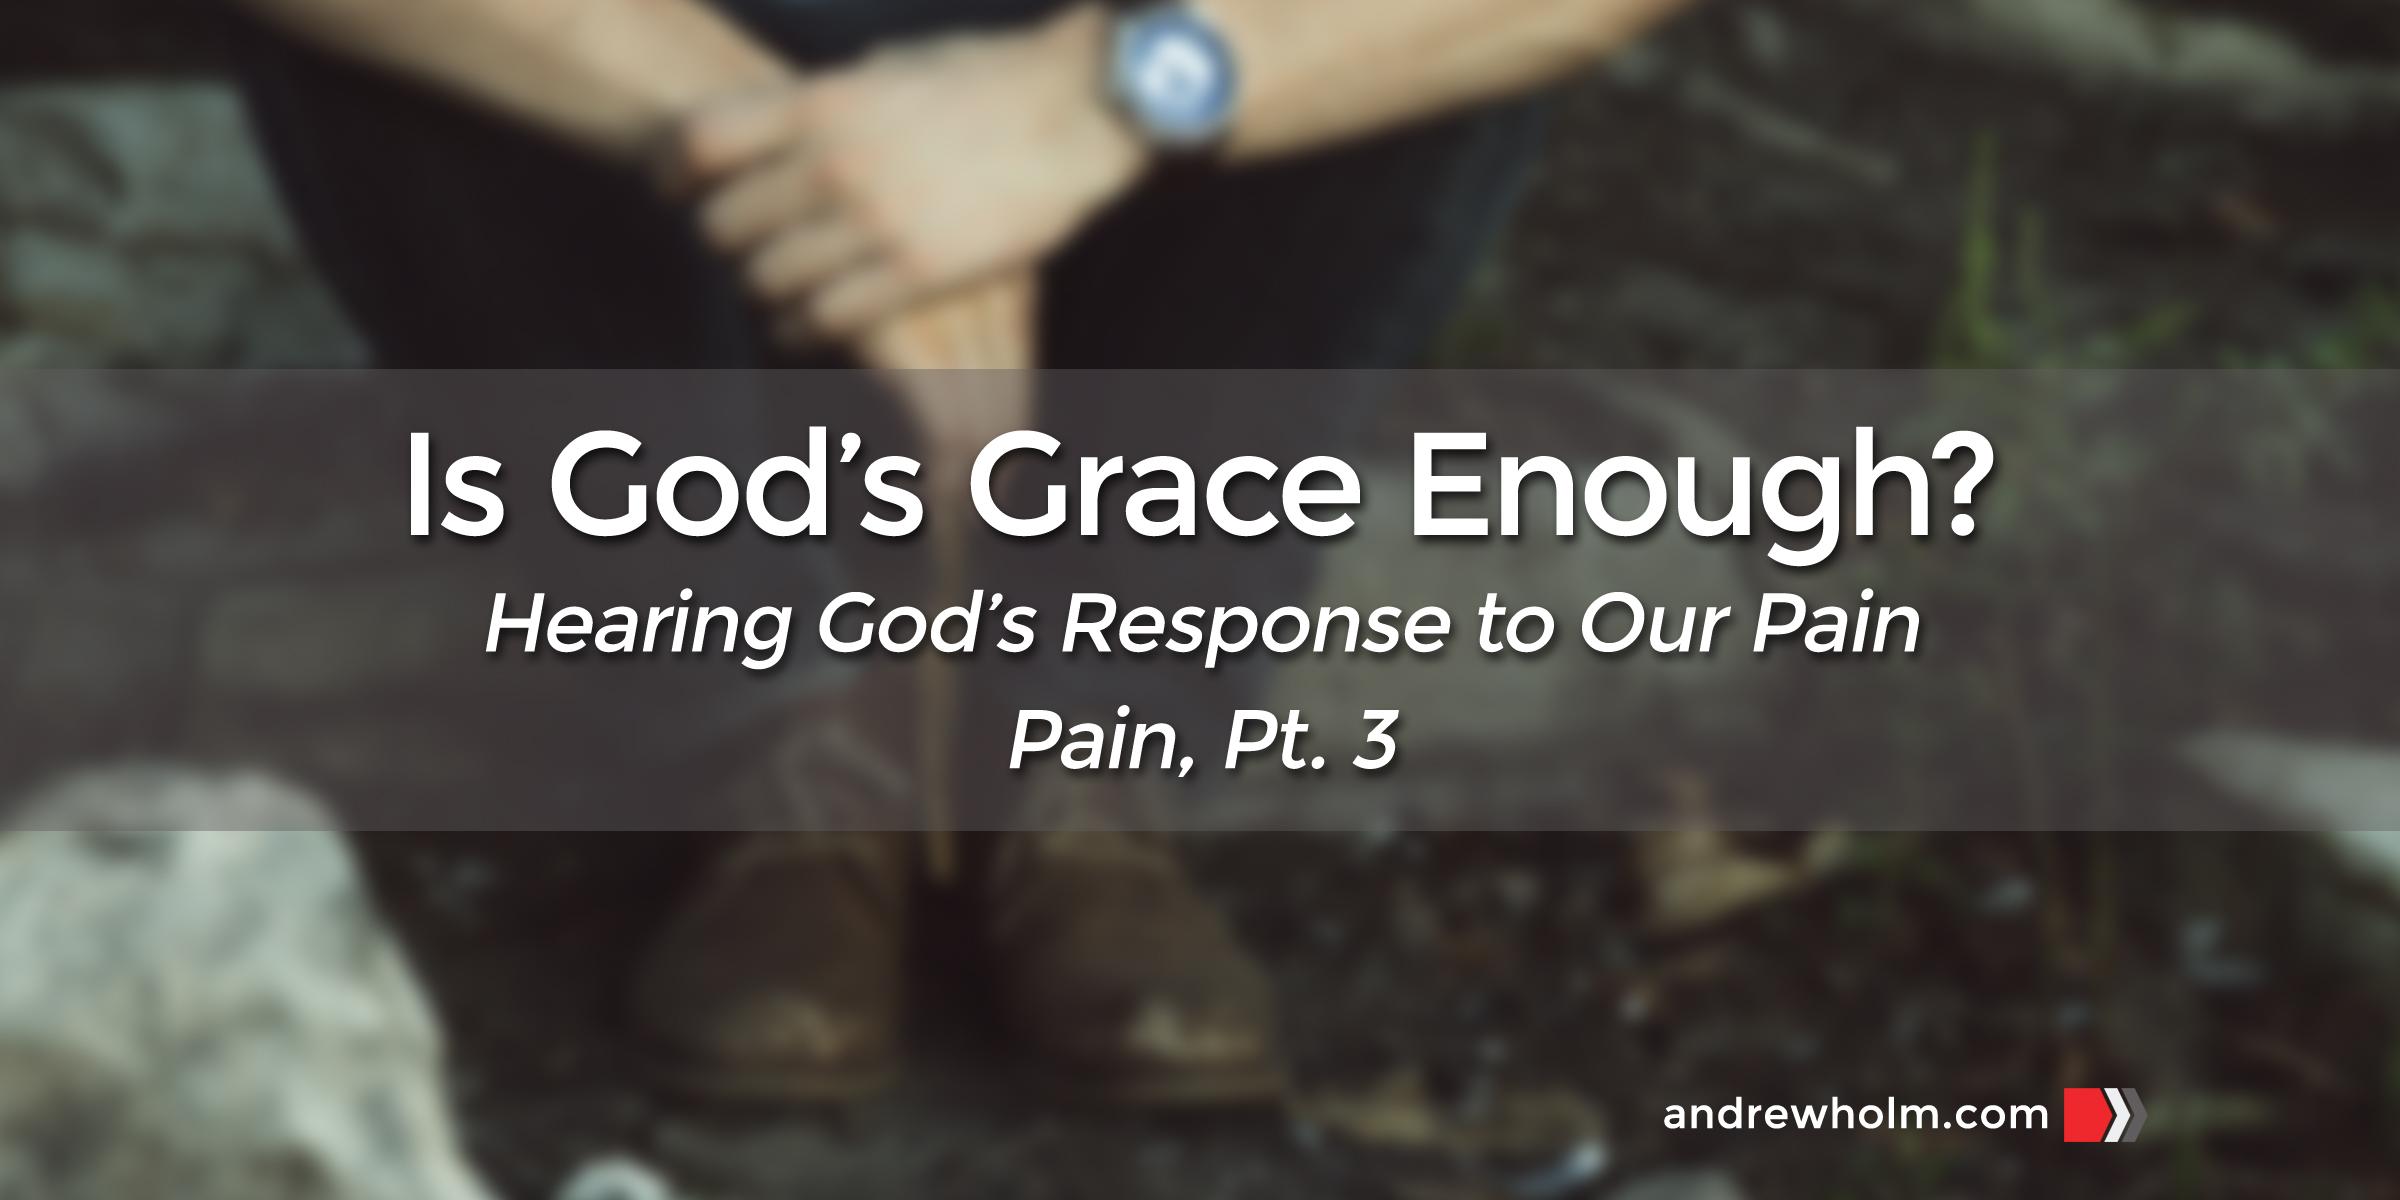 Is God's Grace Enough?